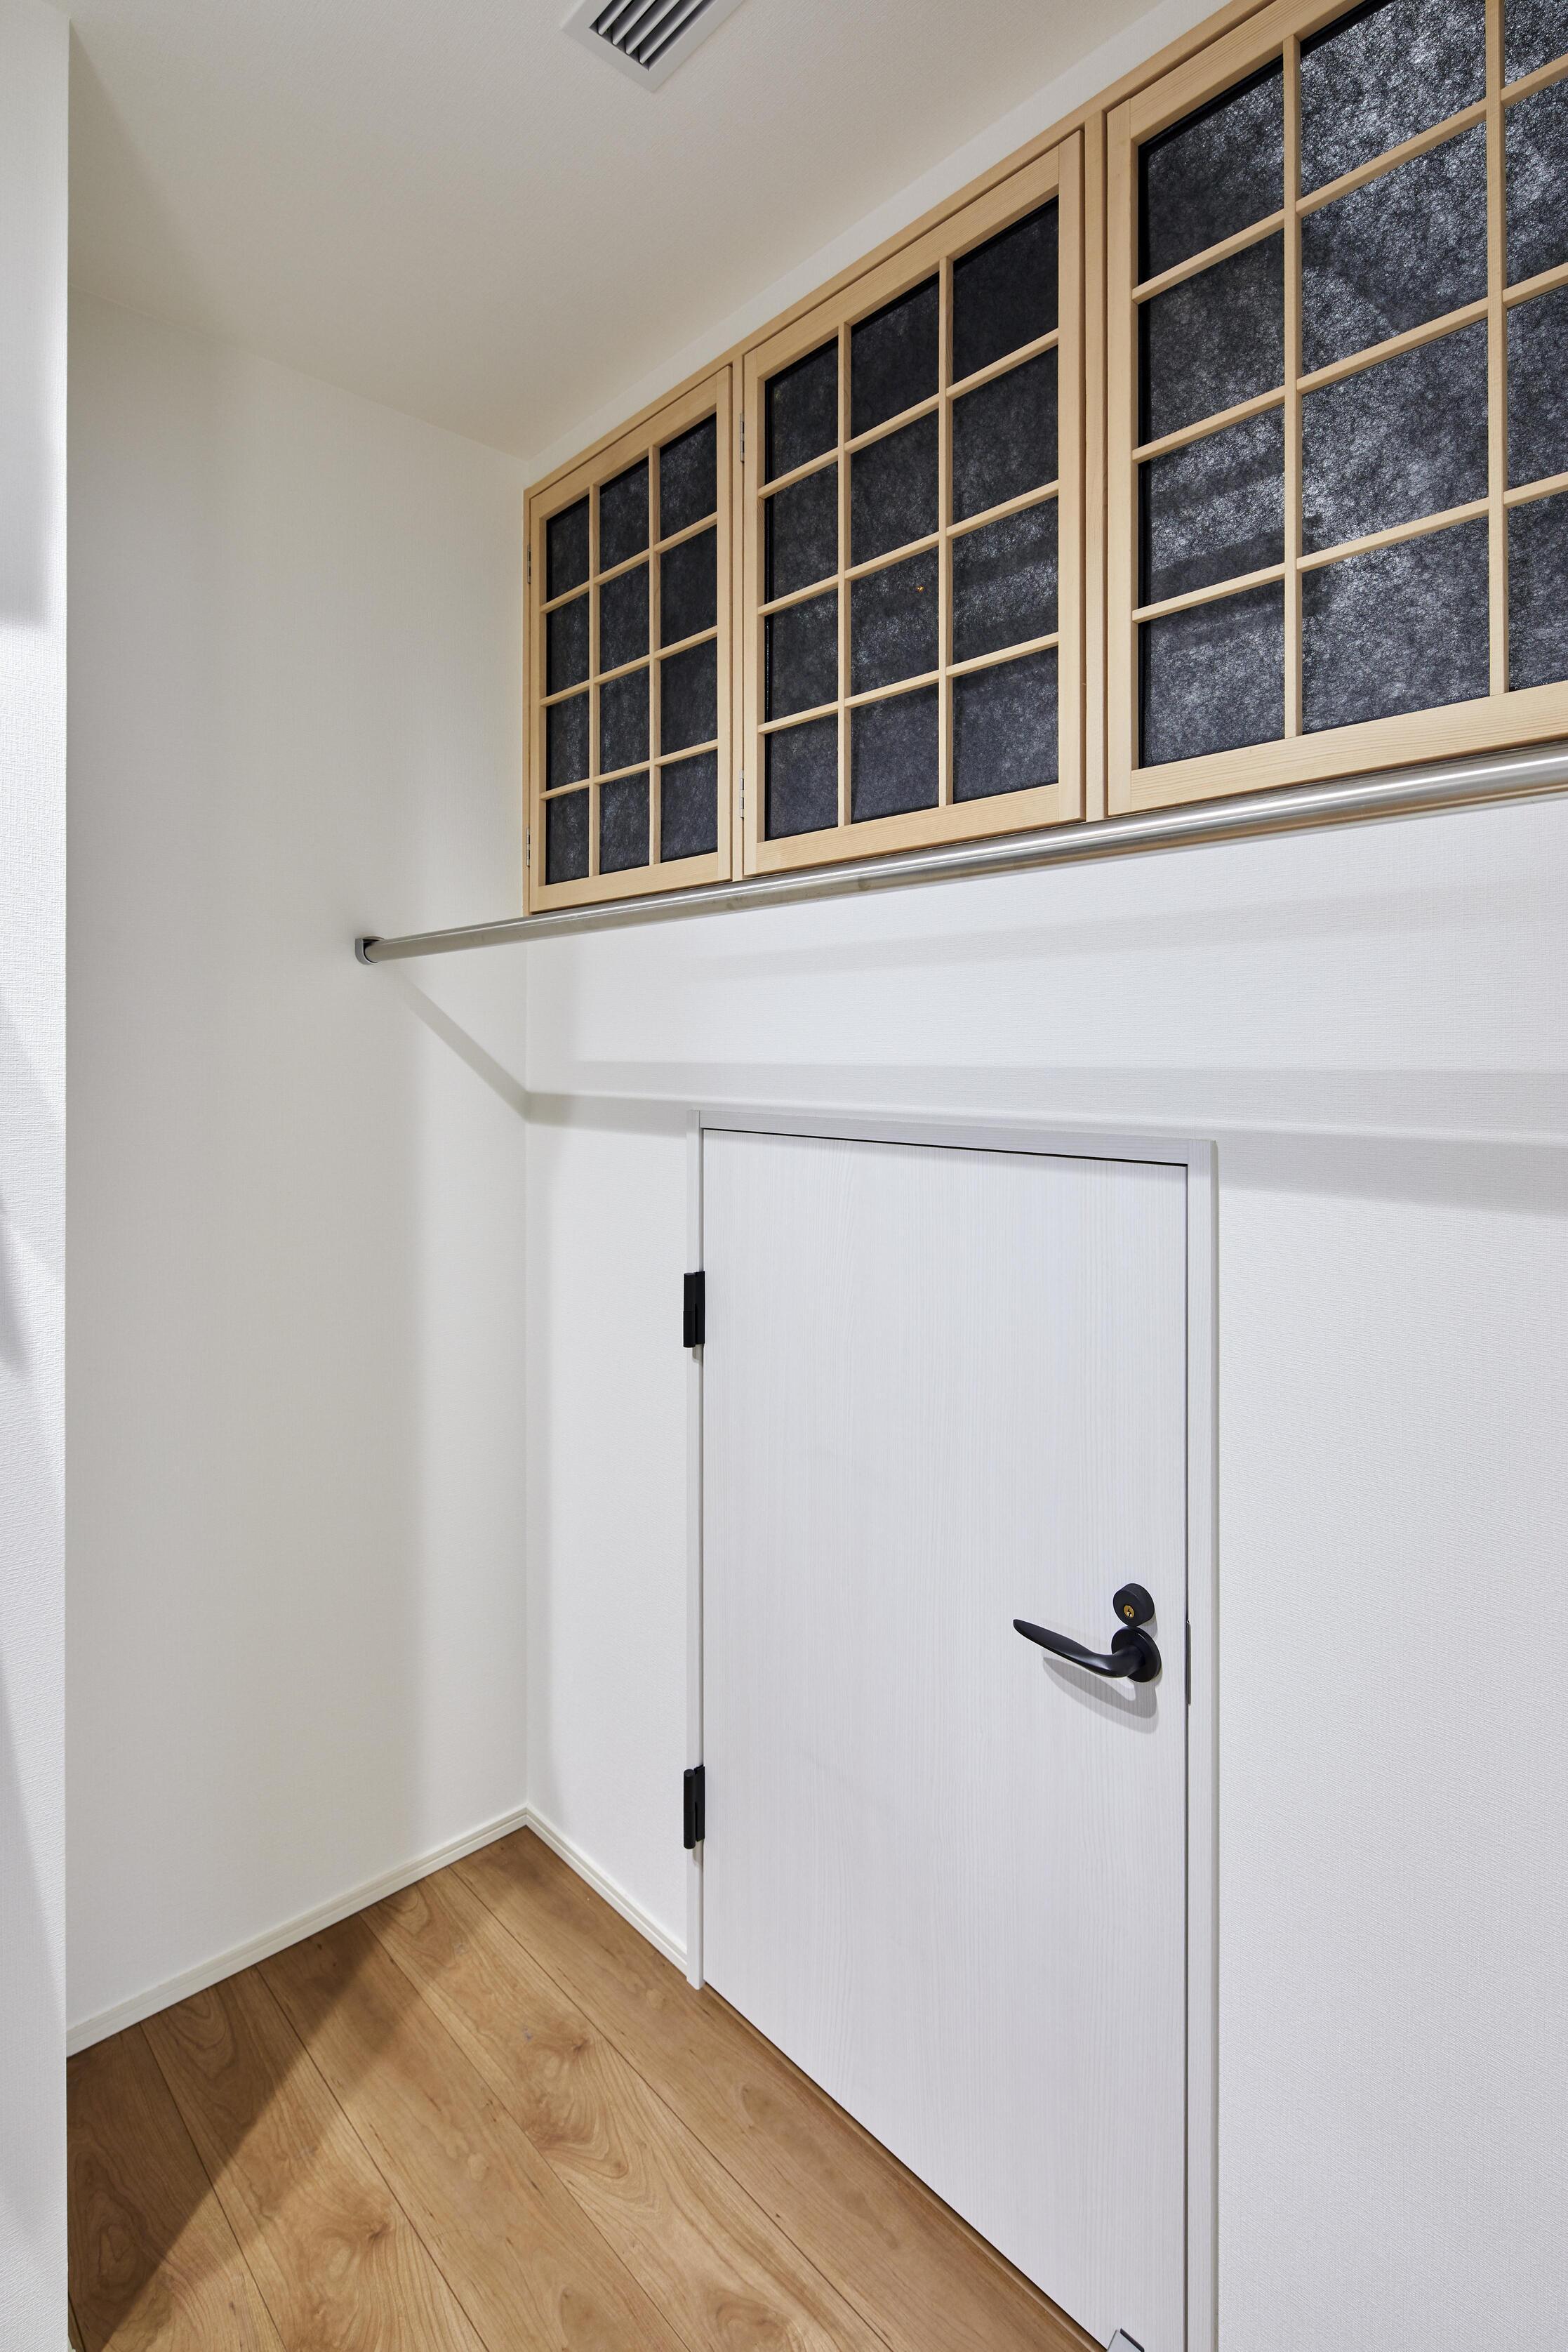 2階には全館空調の空調室を設計